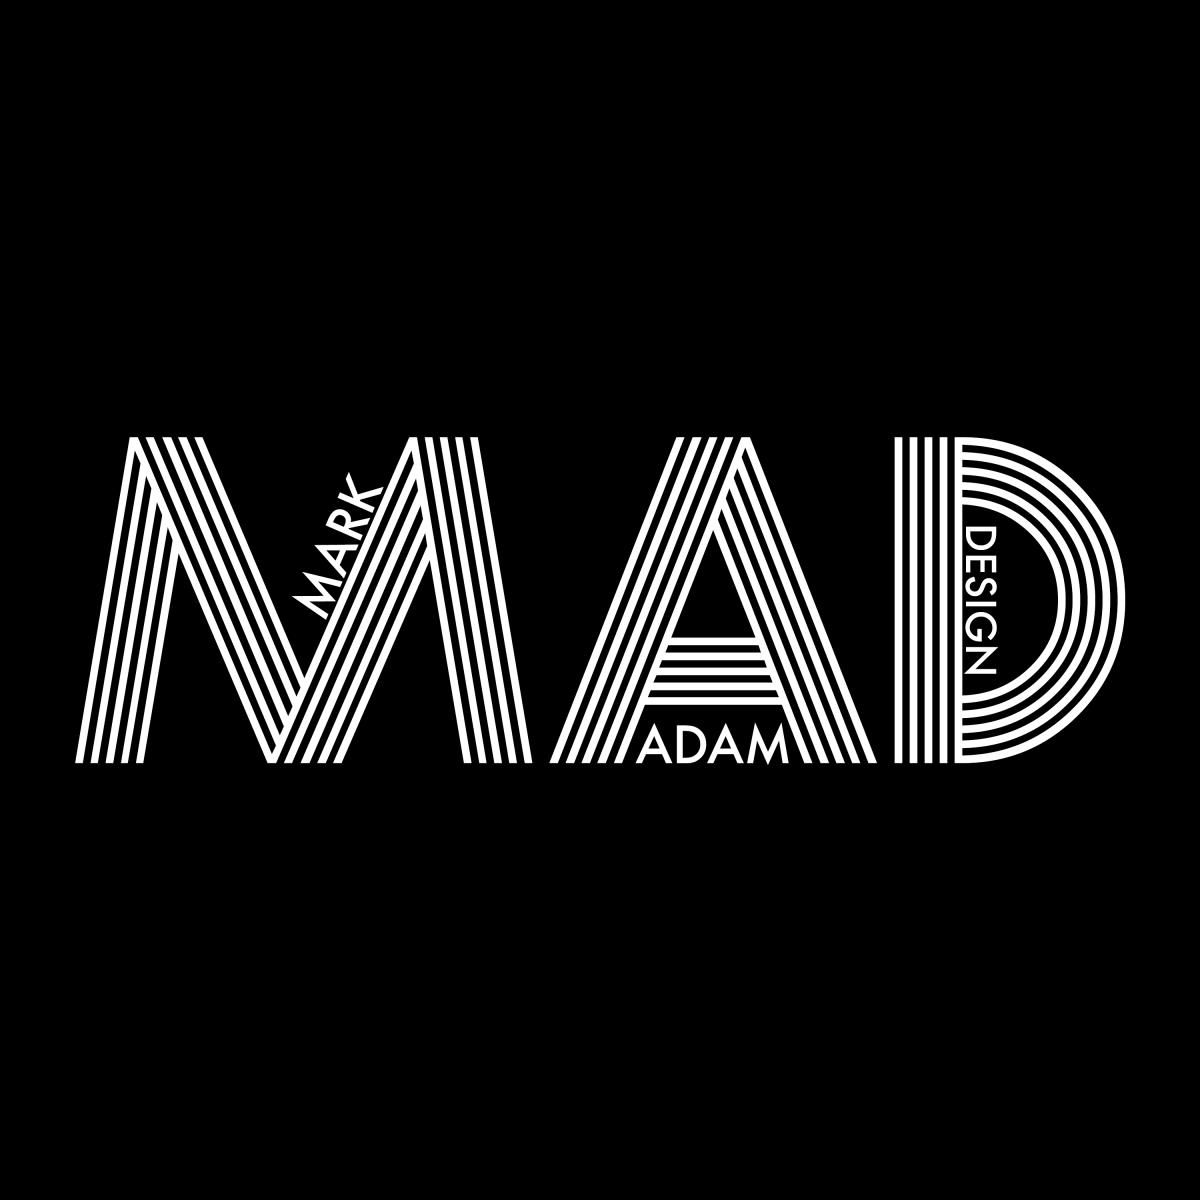 Adam Design mal adjusted media is now mark adam design – markadam.ca